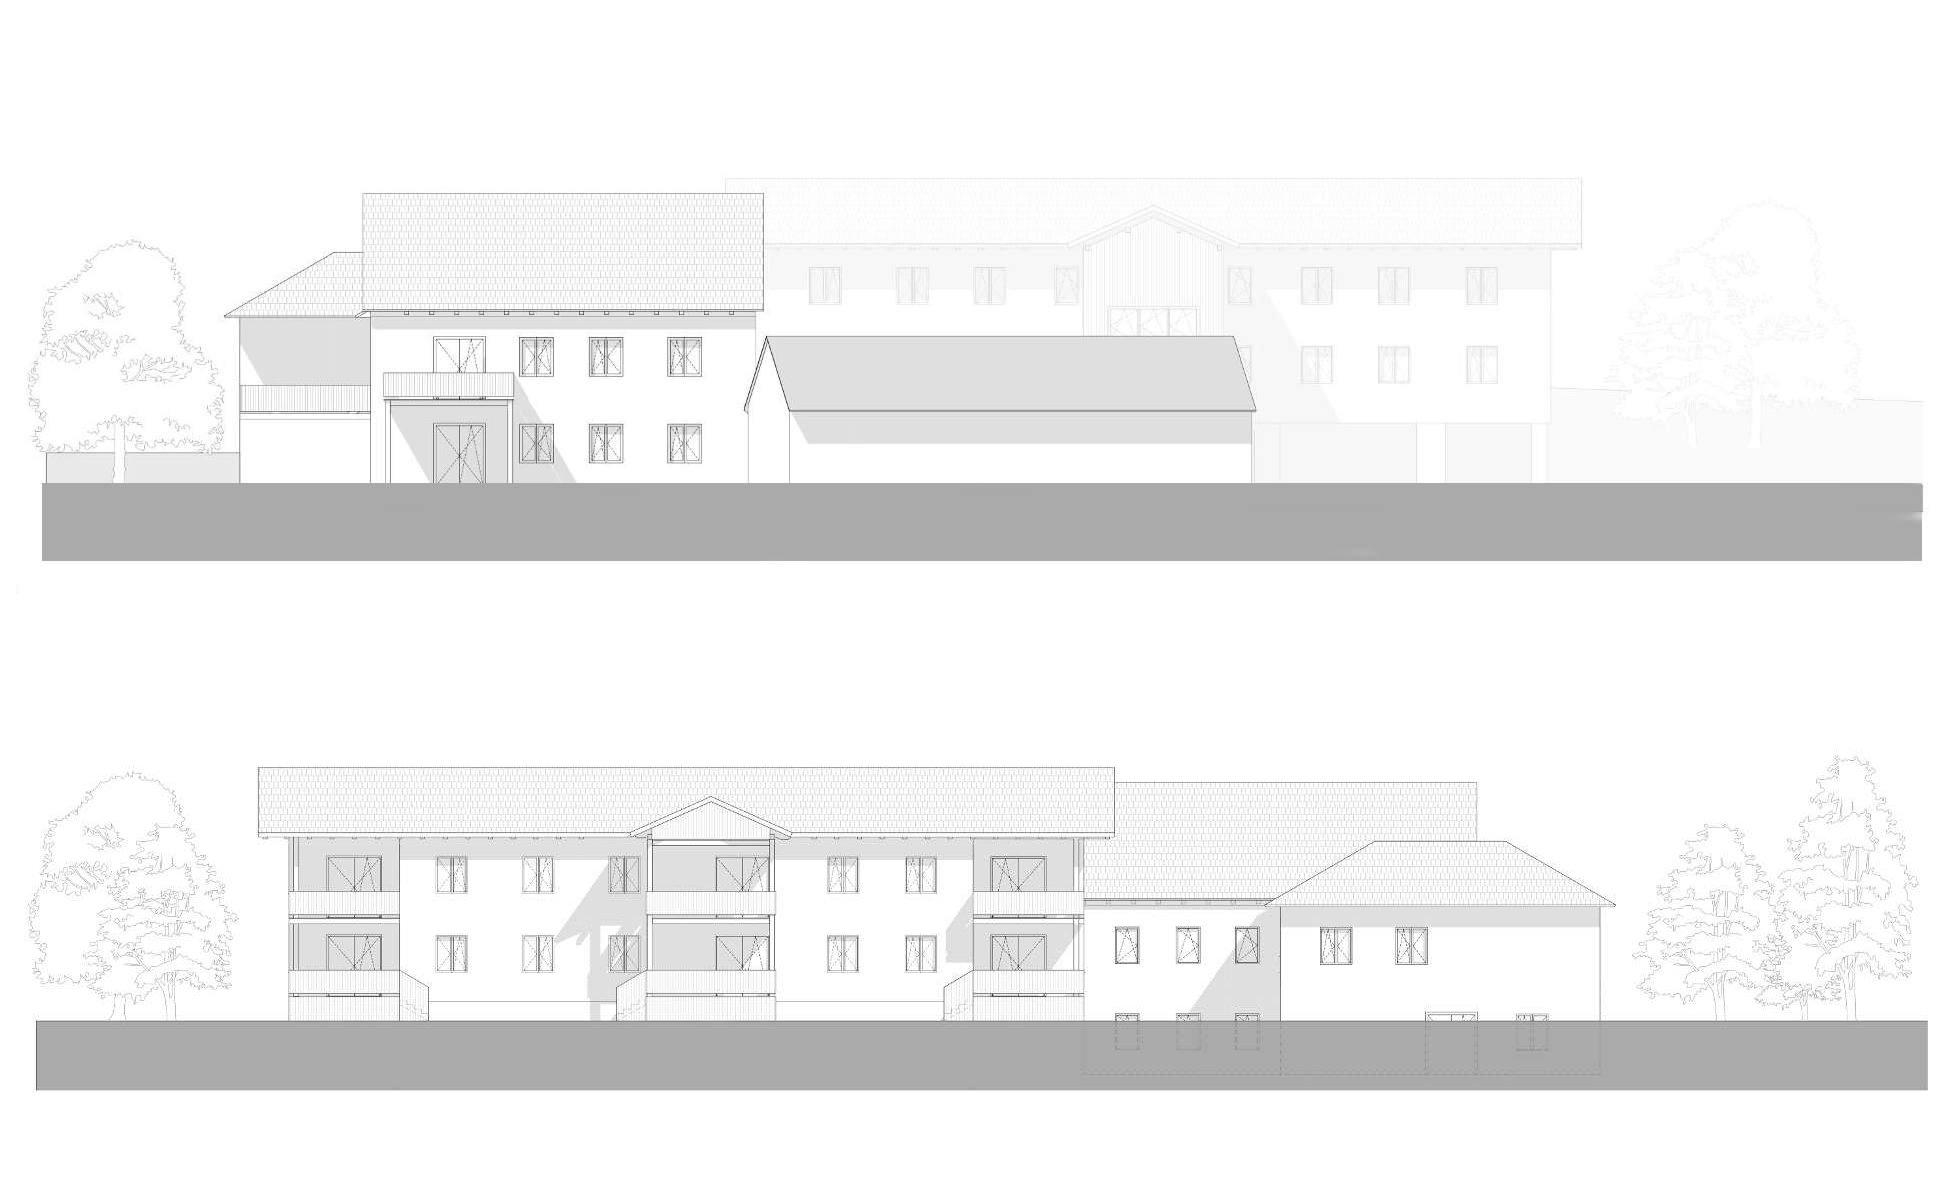 Neuschaffung Von Wohnraum Heinrich Immobilien Gmbh Mietwohnungen